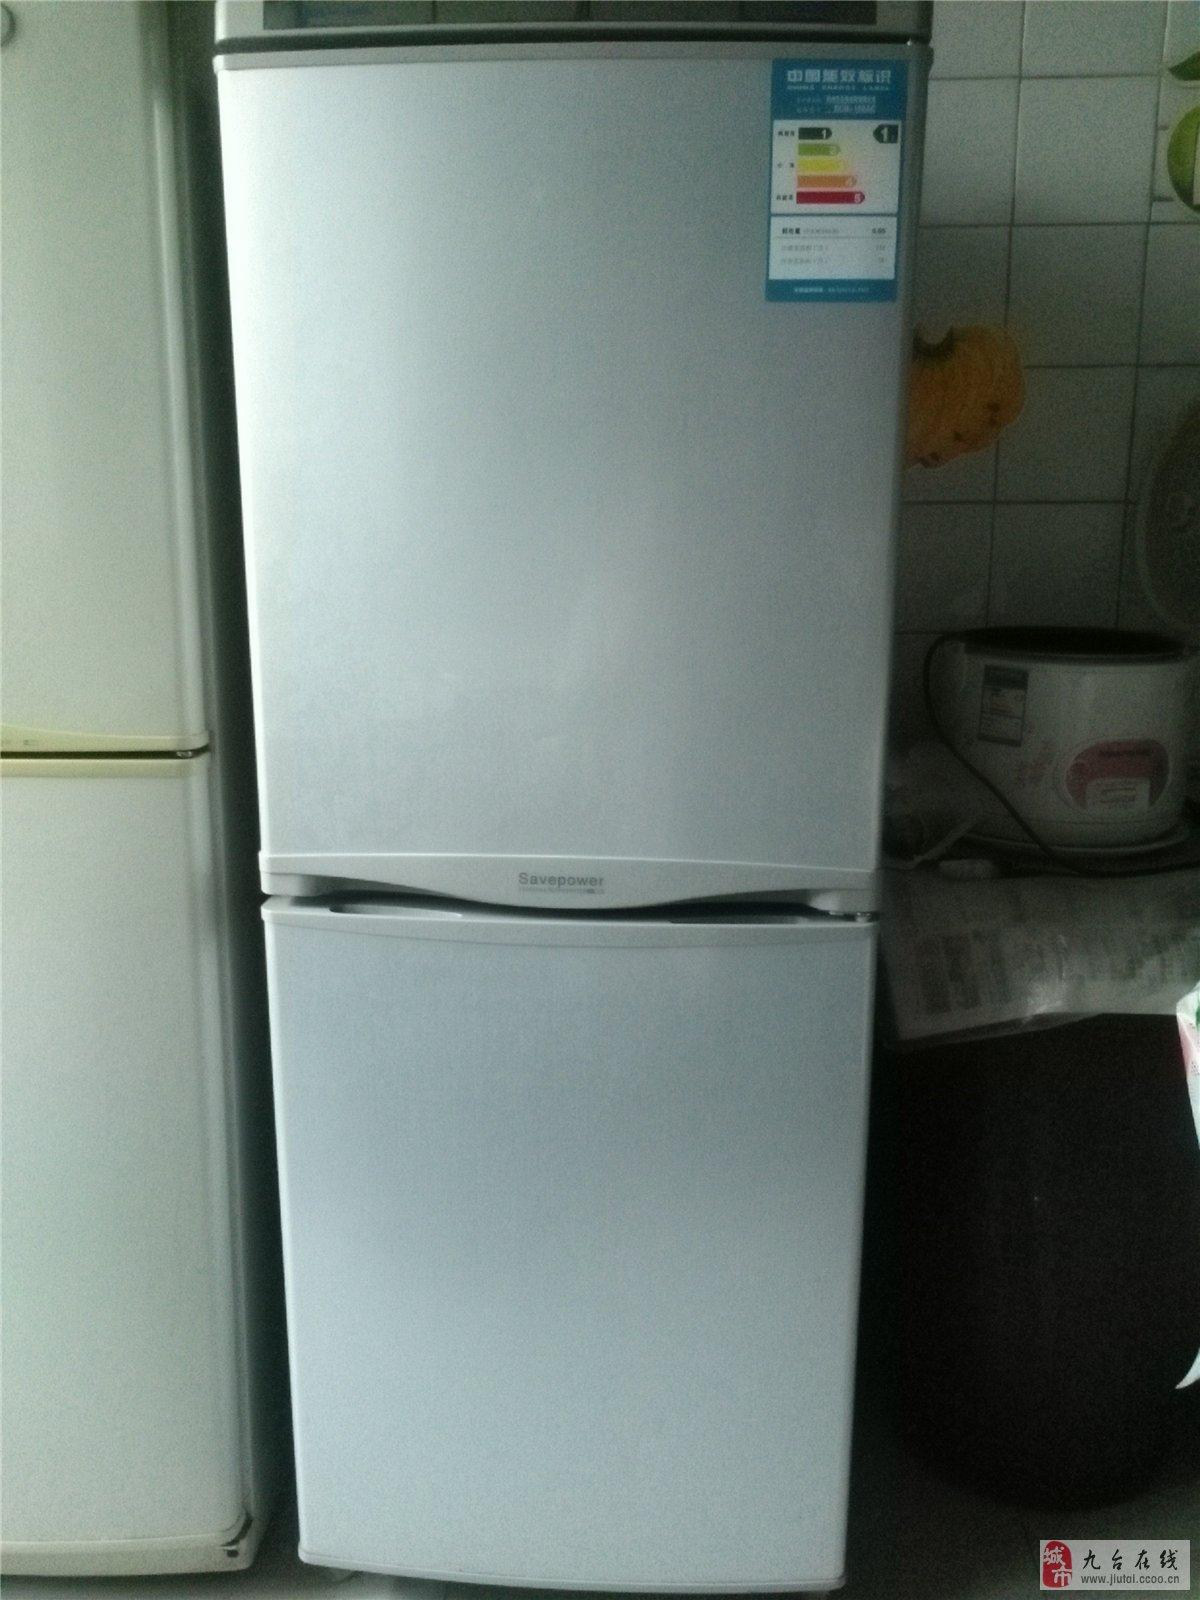 华日冰箱和海尔洗衣机创维彩电